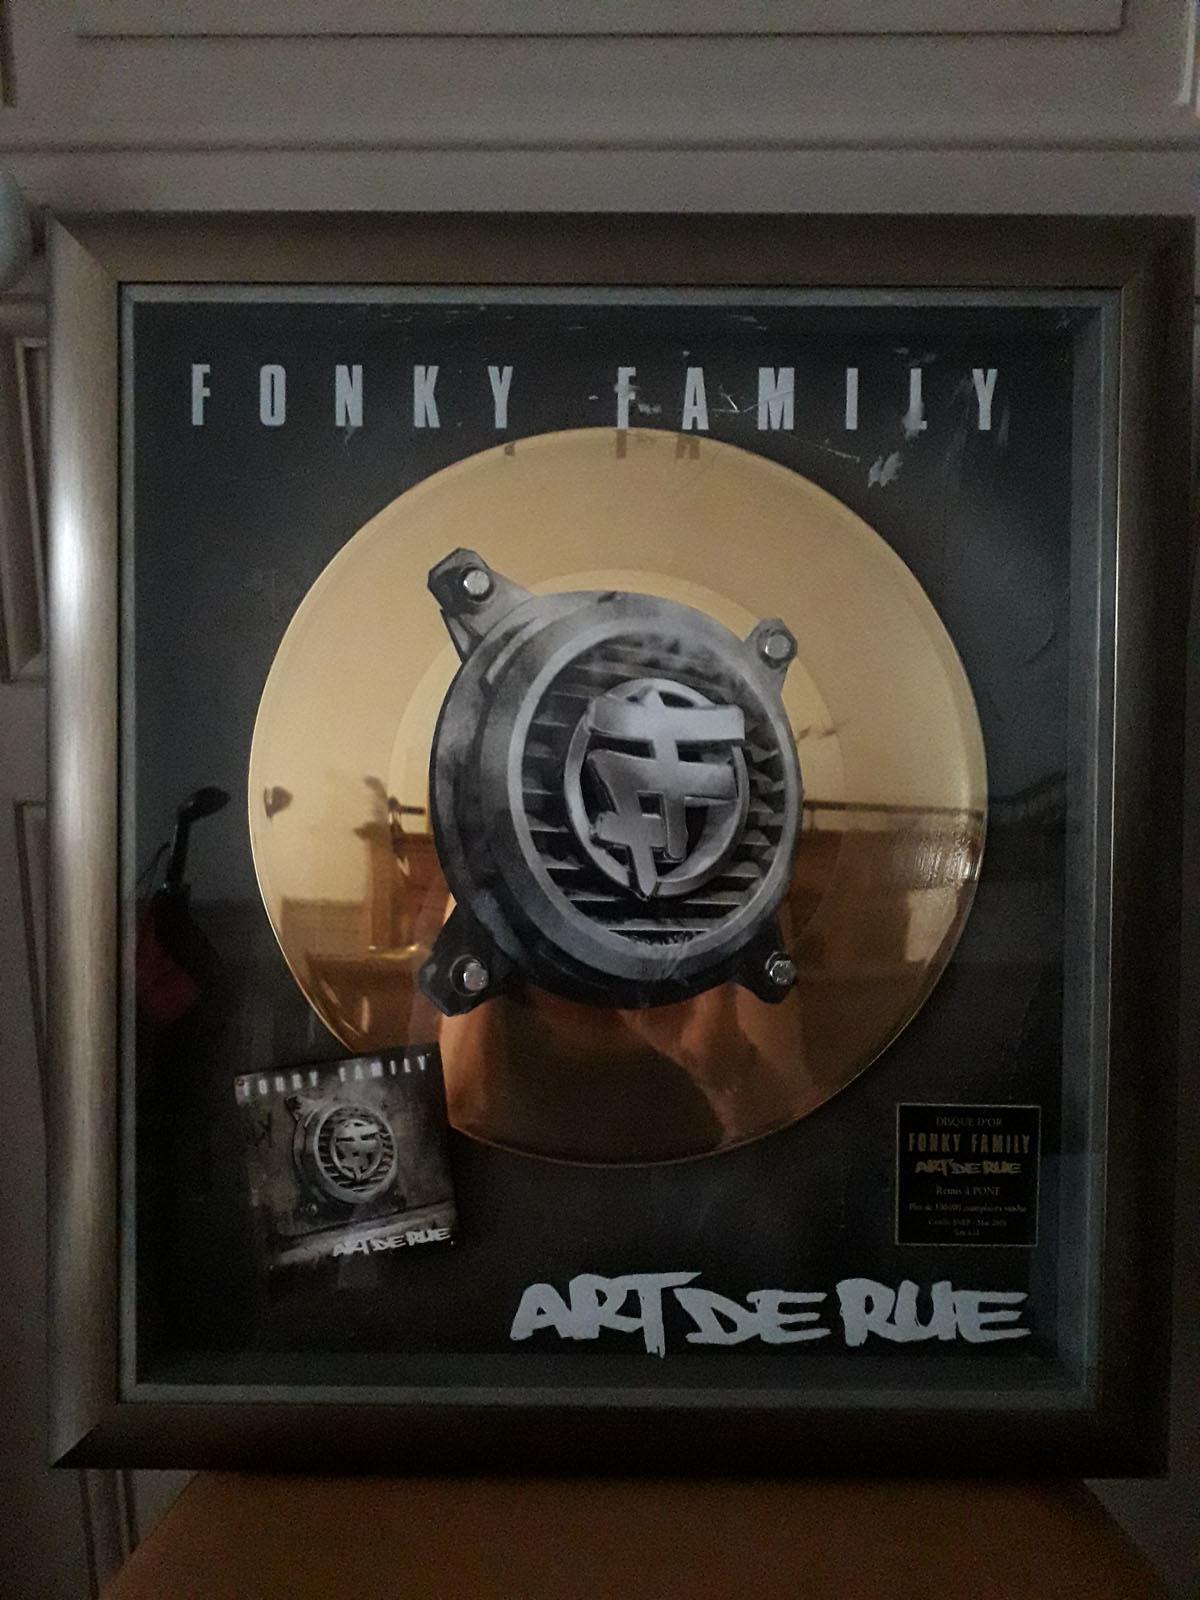 Disque d'or FONKY FAMILY ART DE RUE